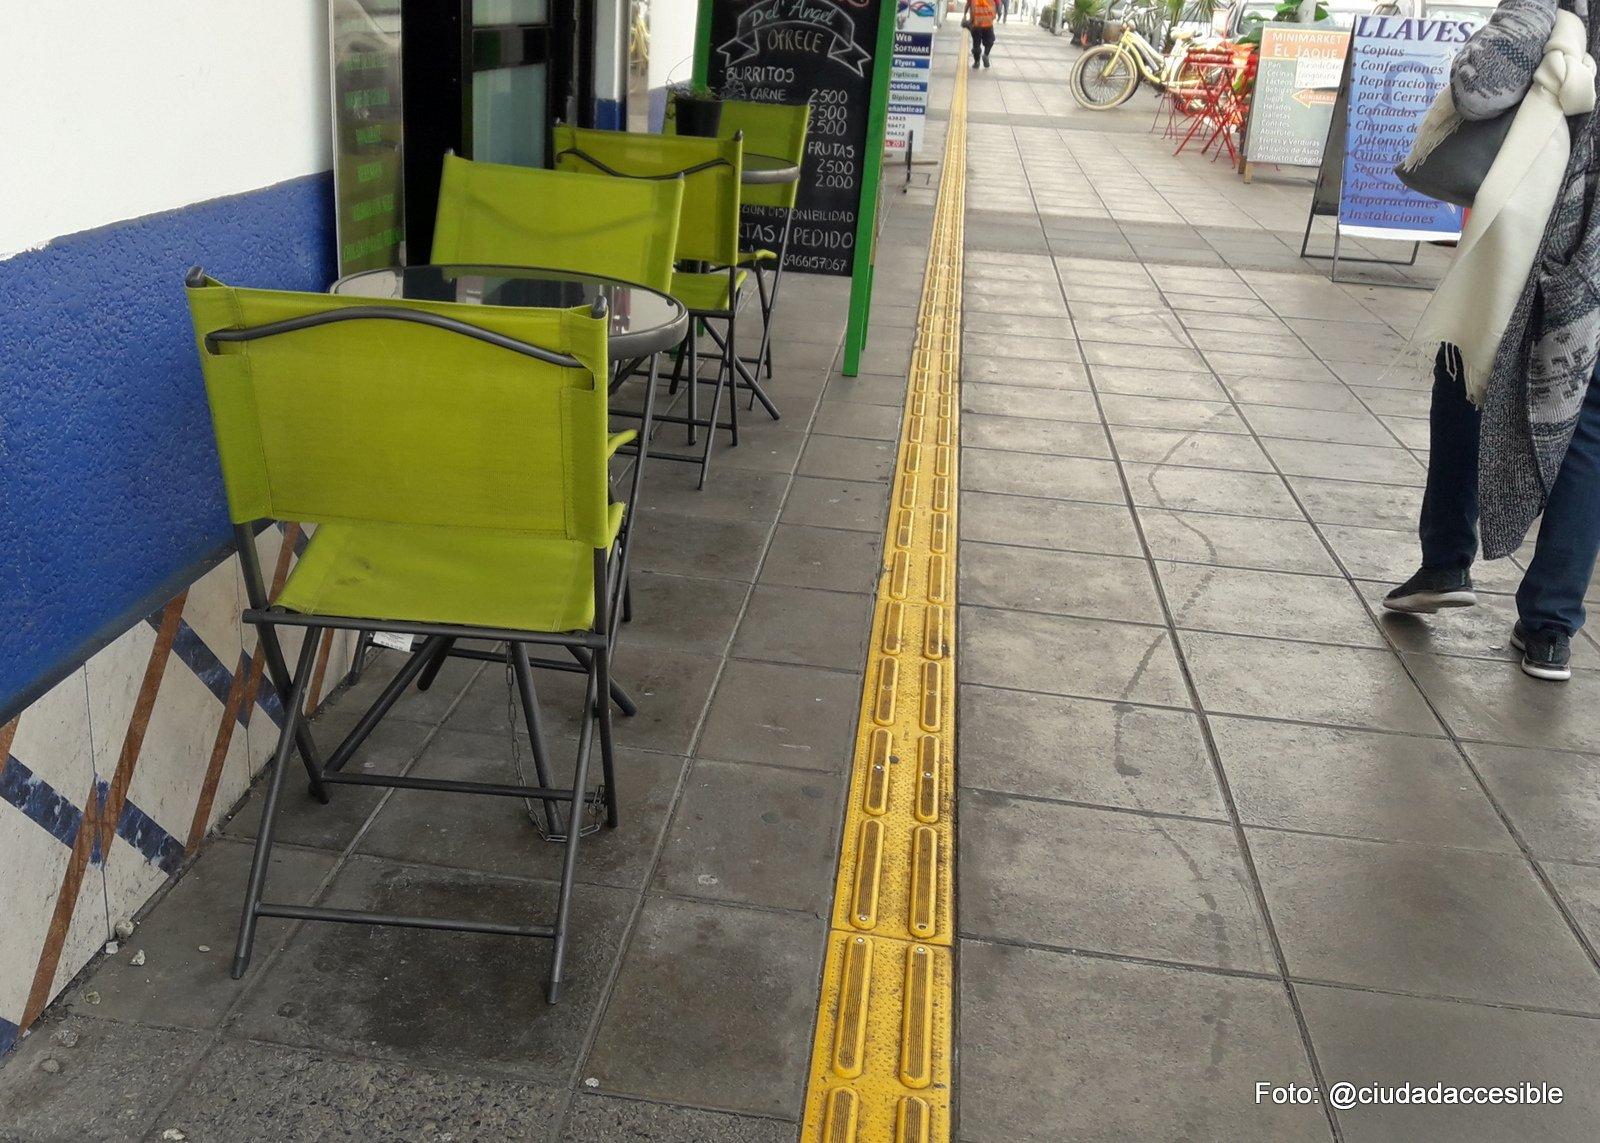 guía podotáctil de avance a lo largo de una vereda y paralela a la línea de fachada con asientos y letreros muy cercanos a ésta